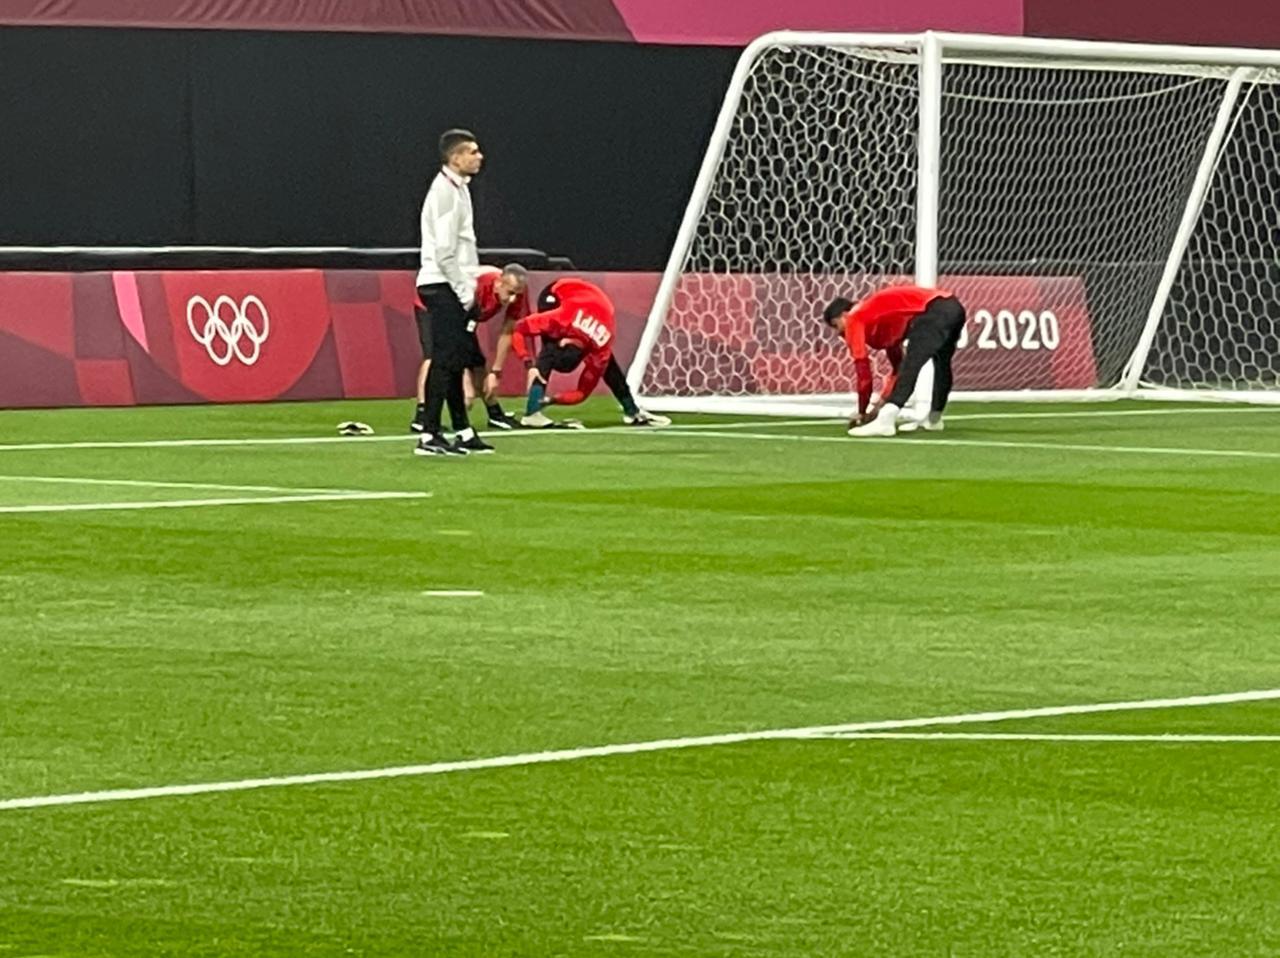 تدريب الحراس قبل مباراة اسبانيا